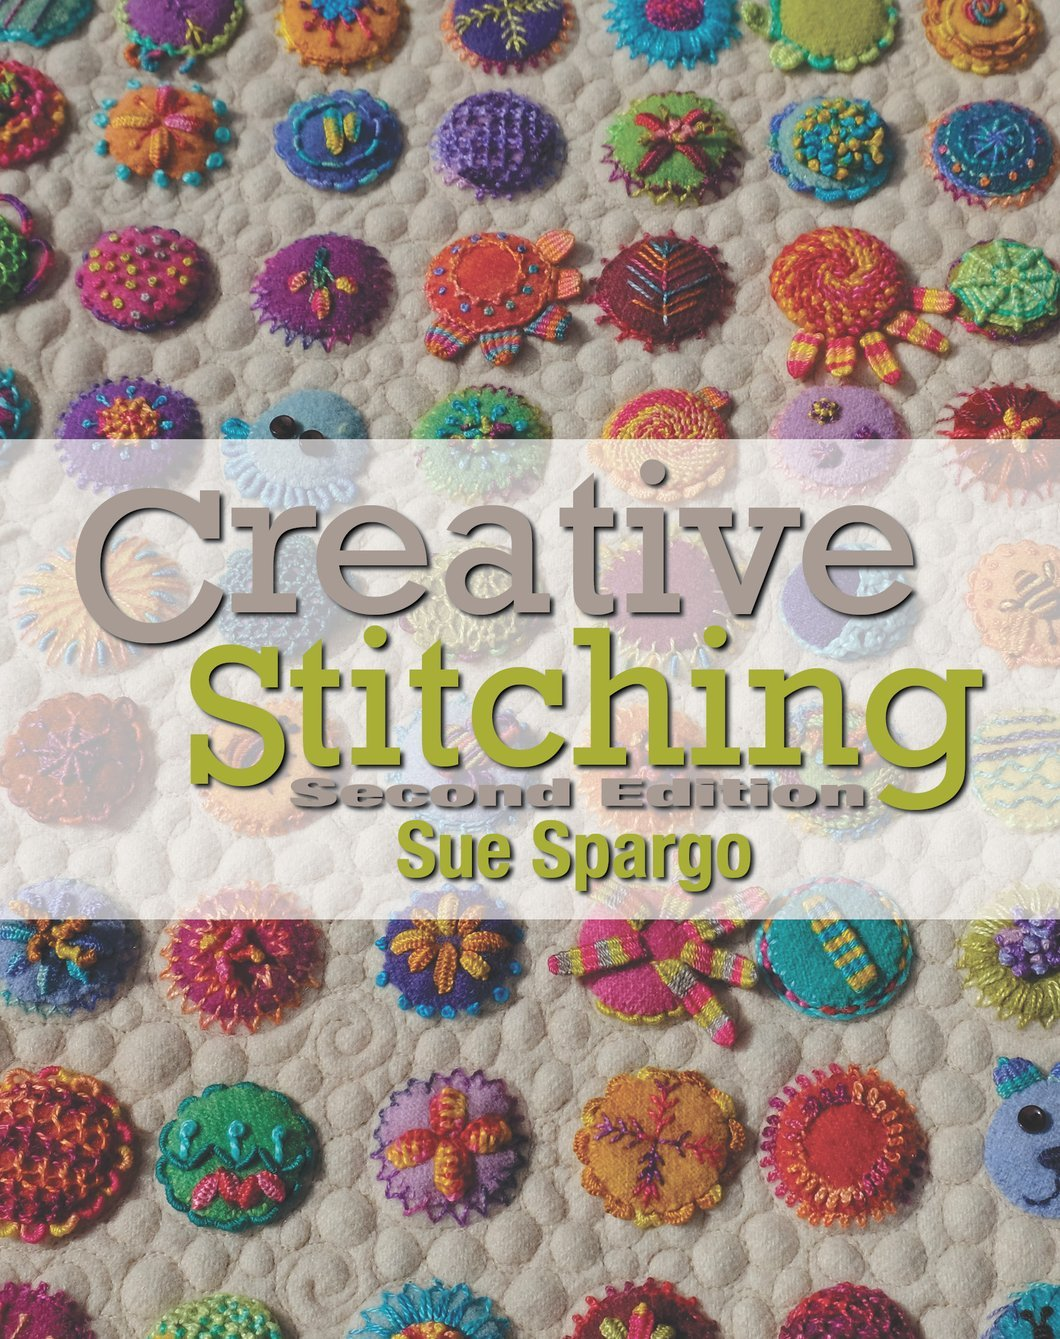 Creative Stitching Book 2nd Edition (Spiral Bound) by Sue Spargo